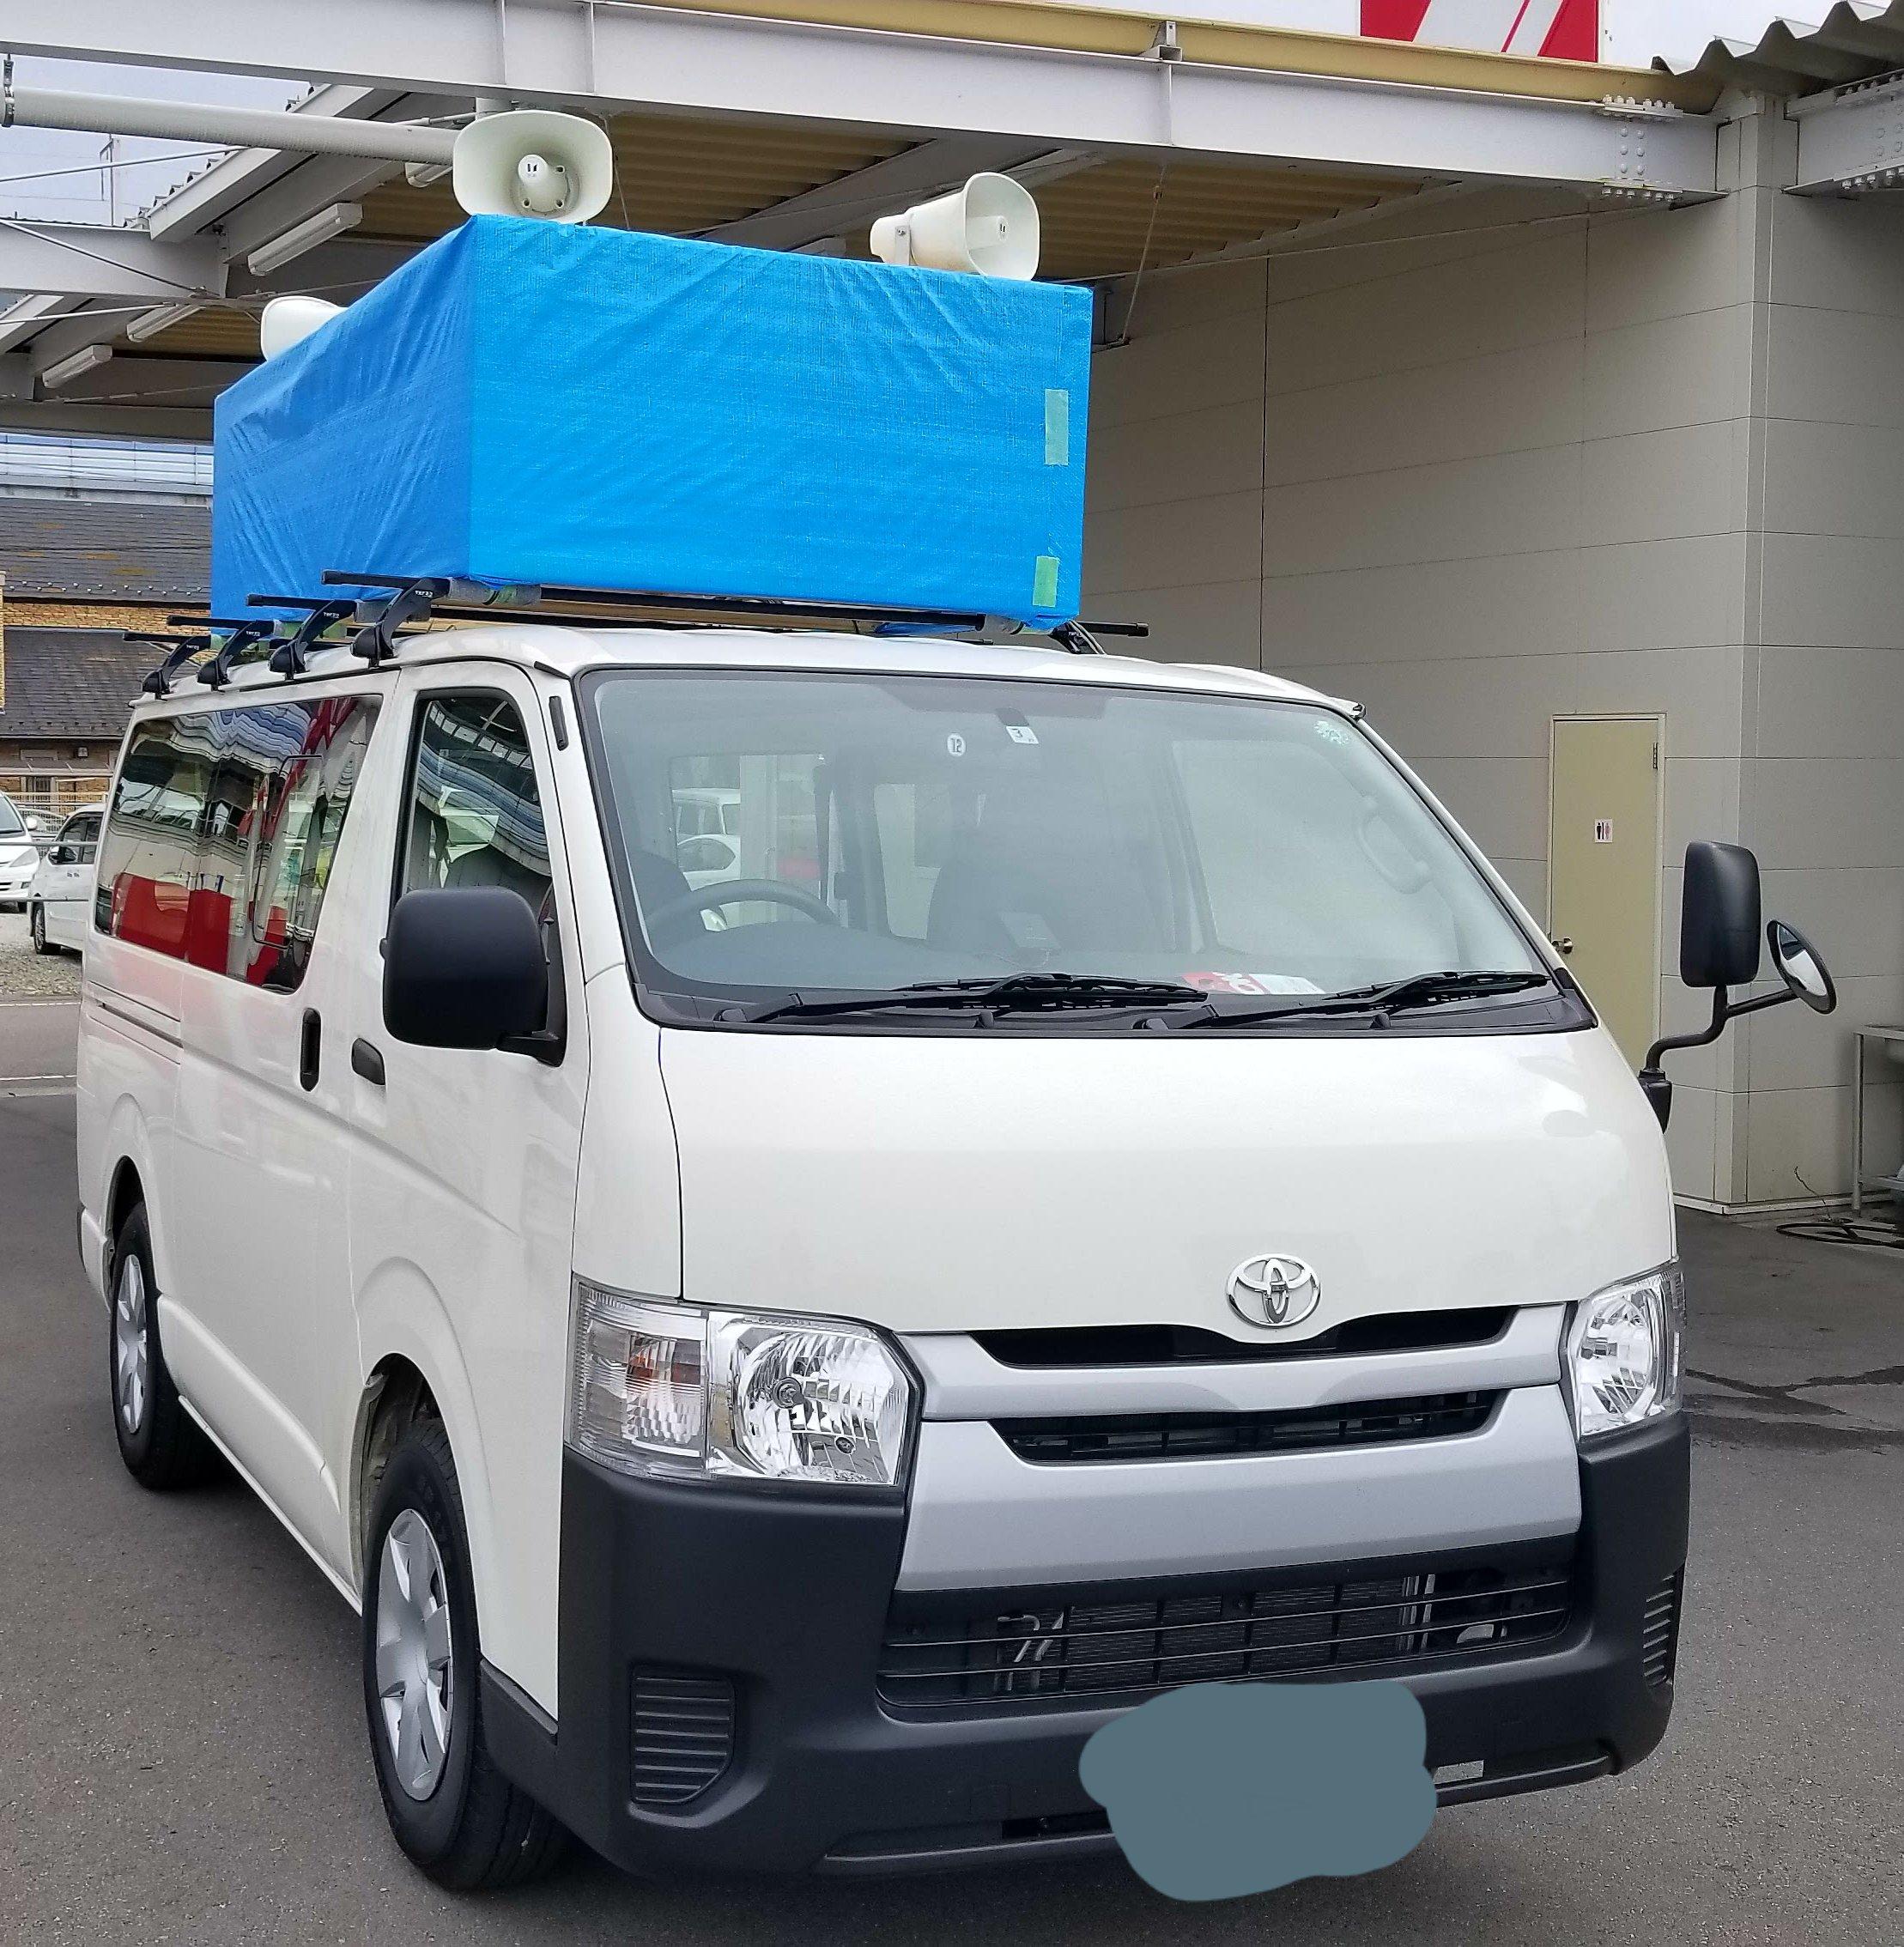 栃木県の選挙 レンタル 車輌 音響 照明